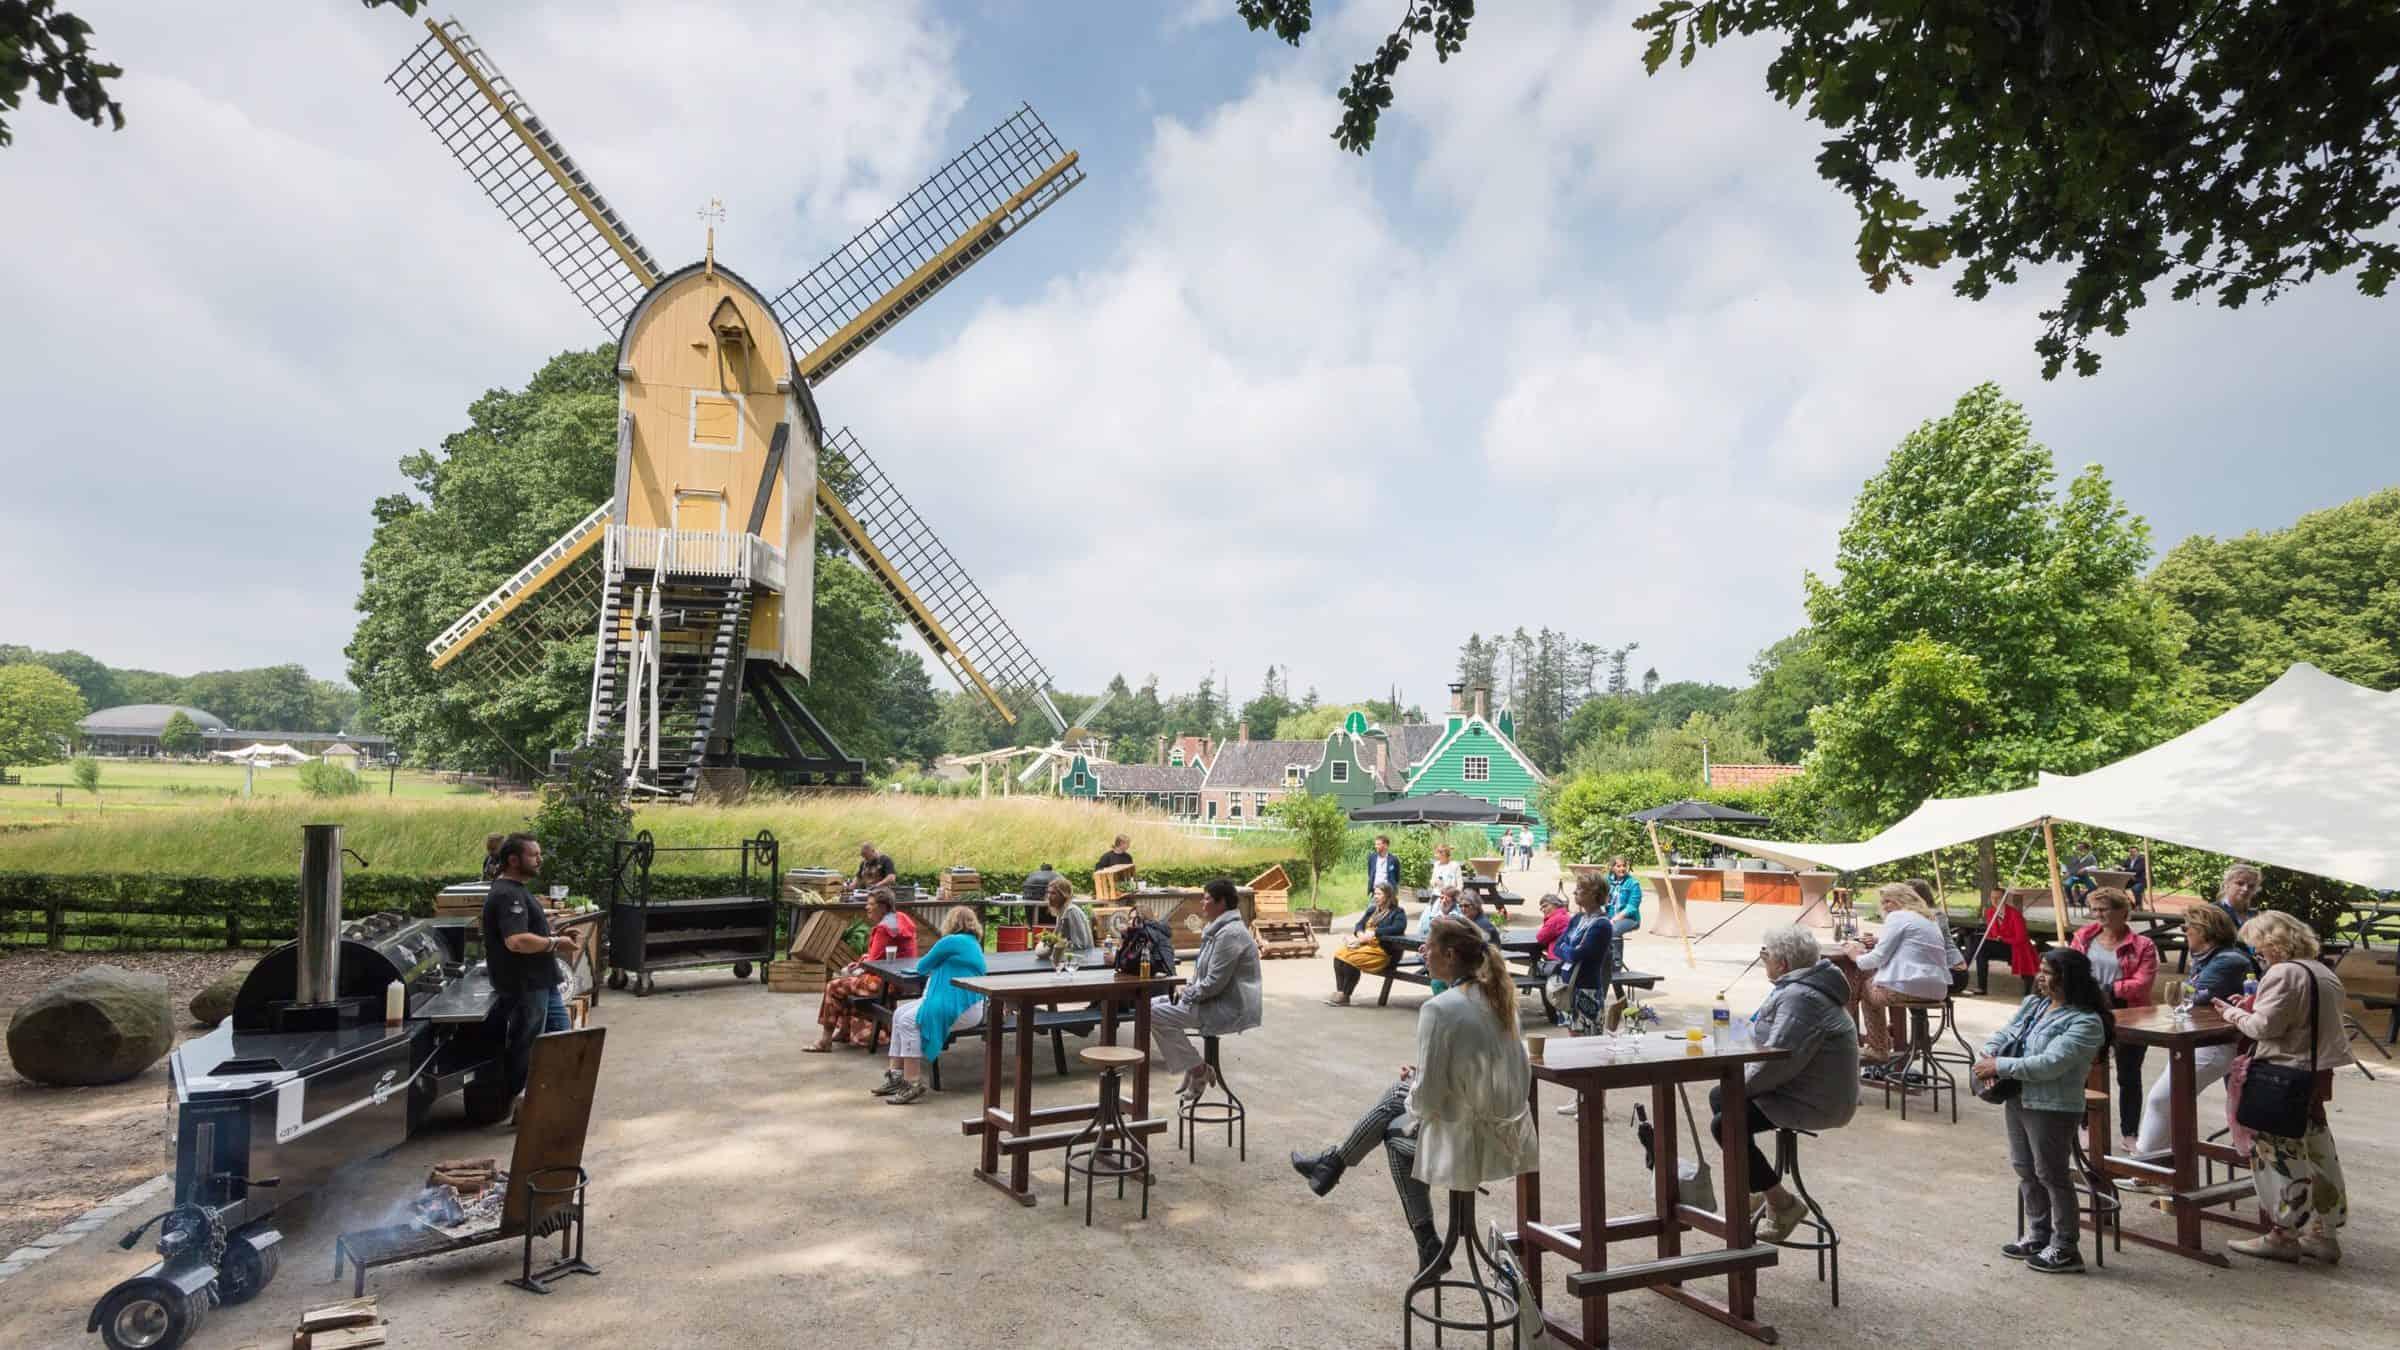 Event Inspiration - event in Nederlands Openluchtmuseum met mensen op 1,5 meter afstand met presentatie van Smokey Goodness